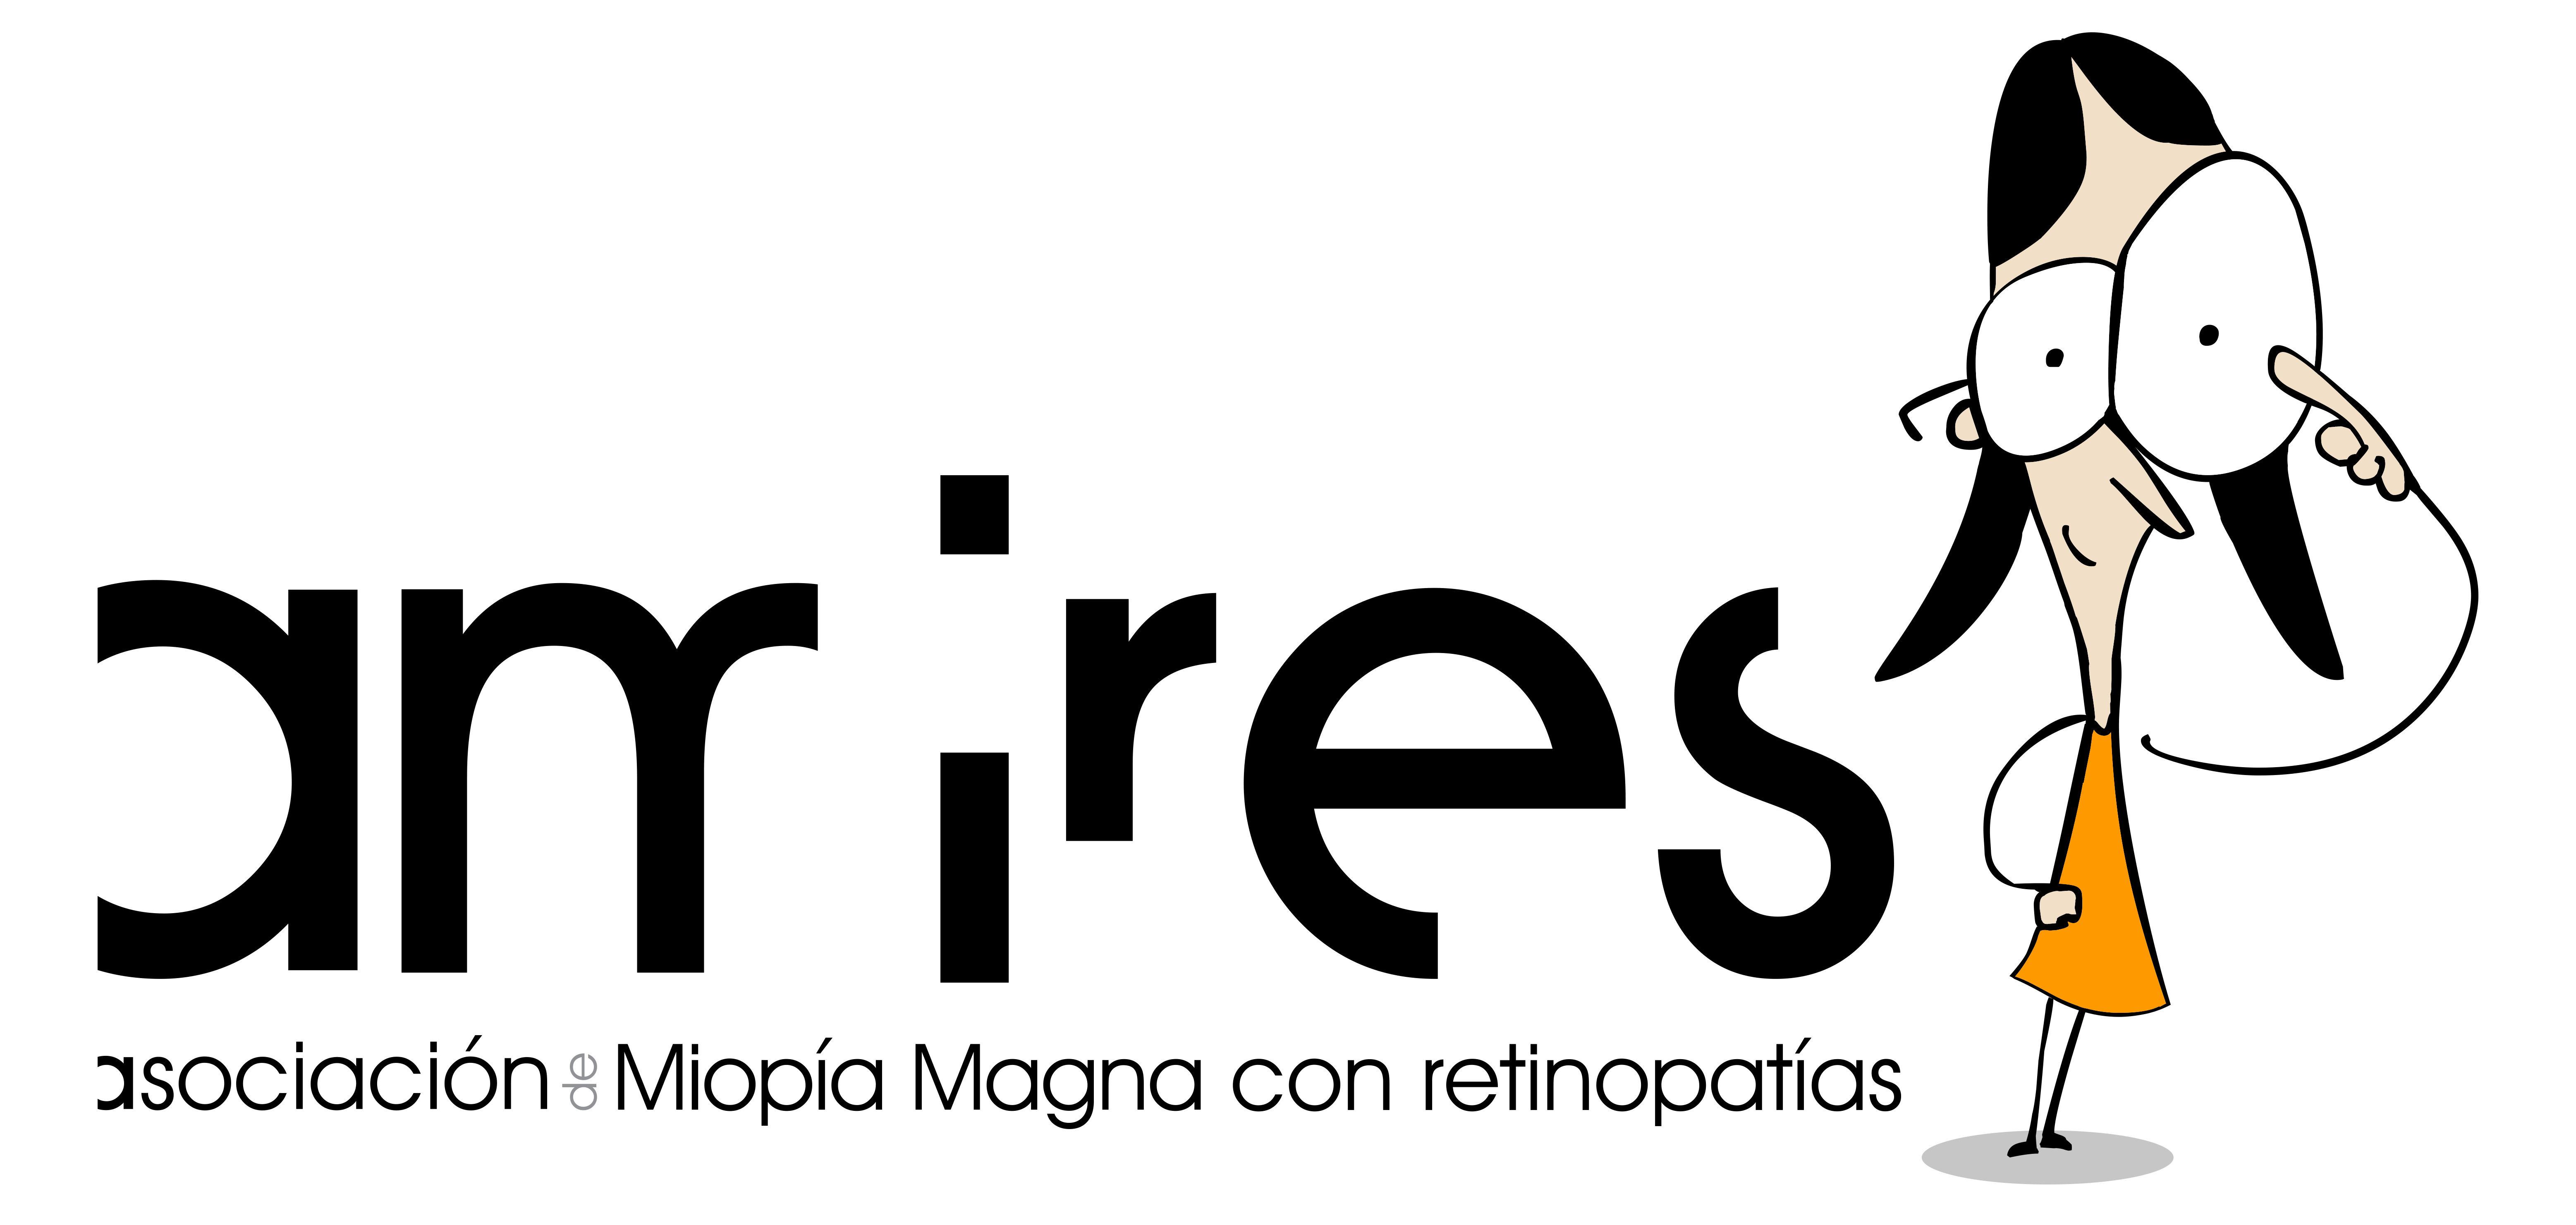 Miopía Magna